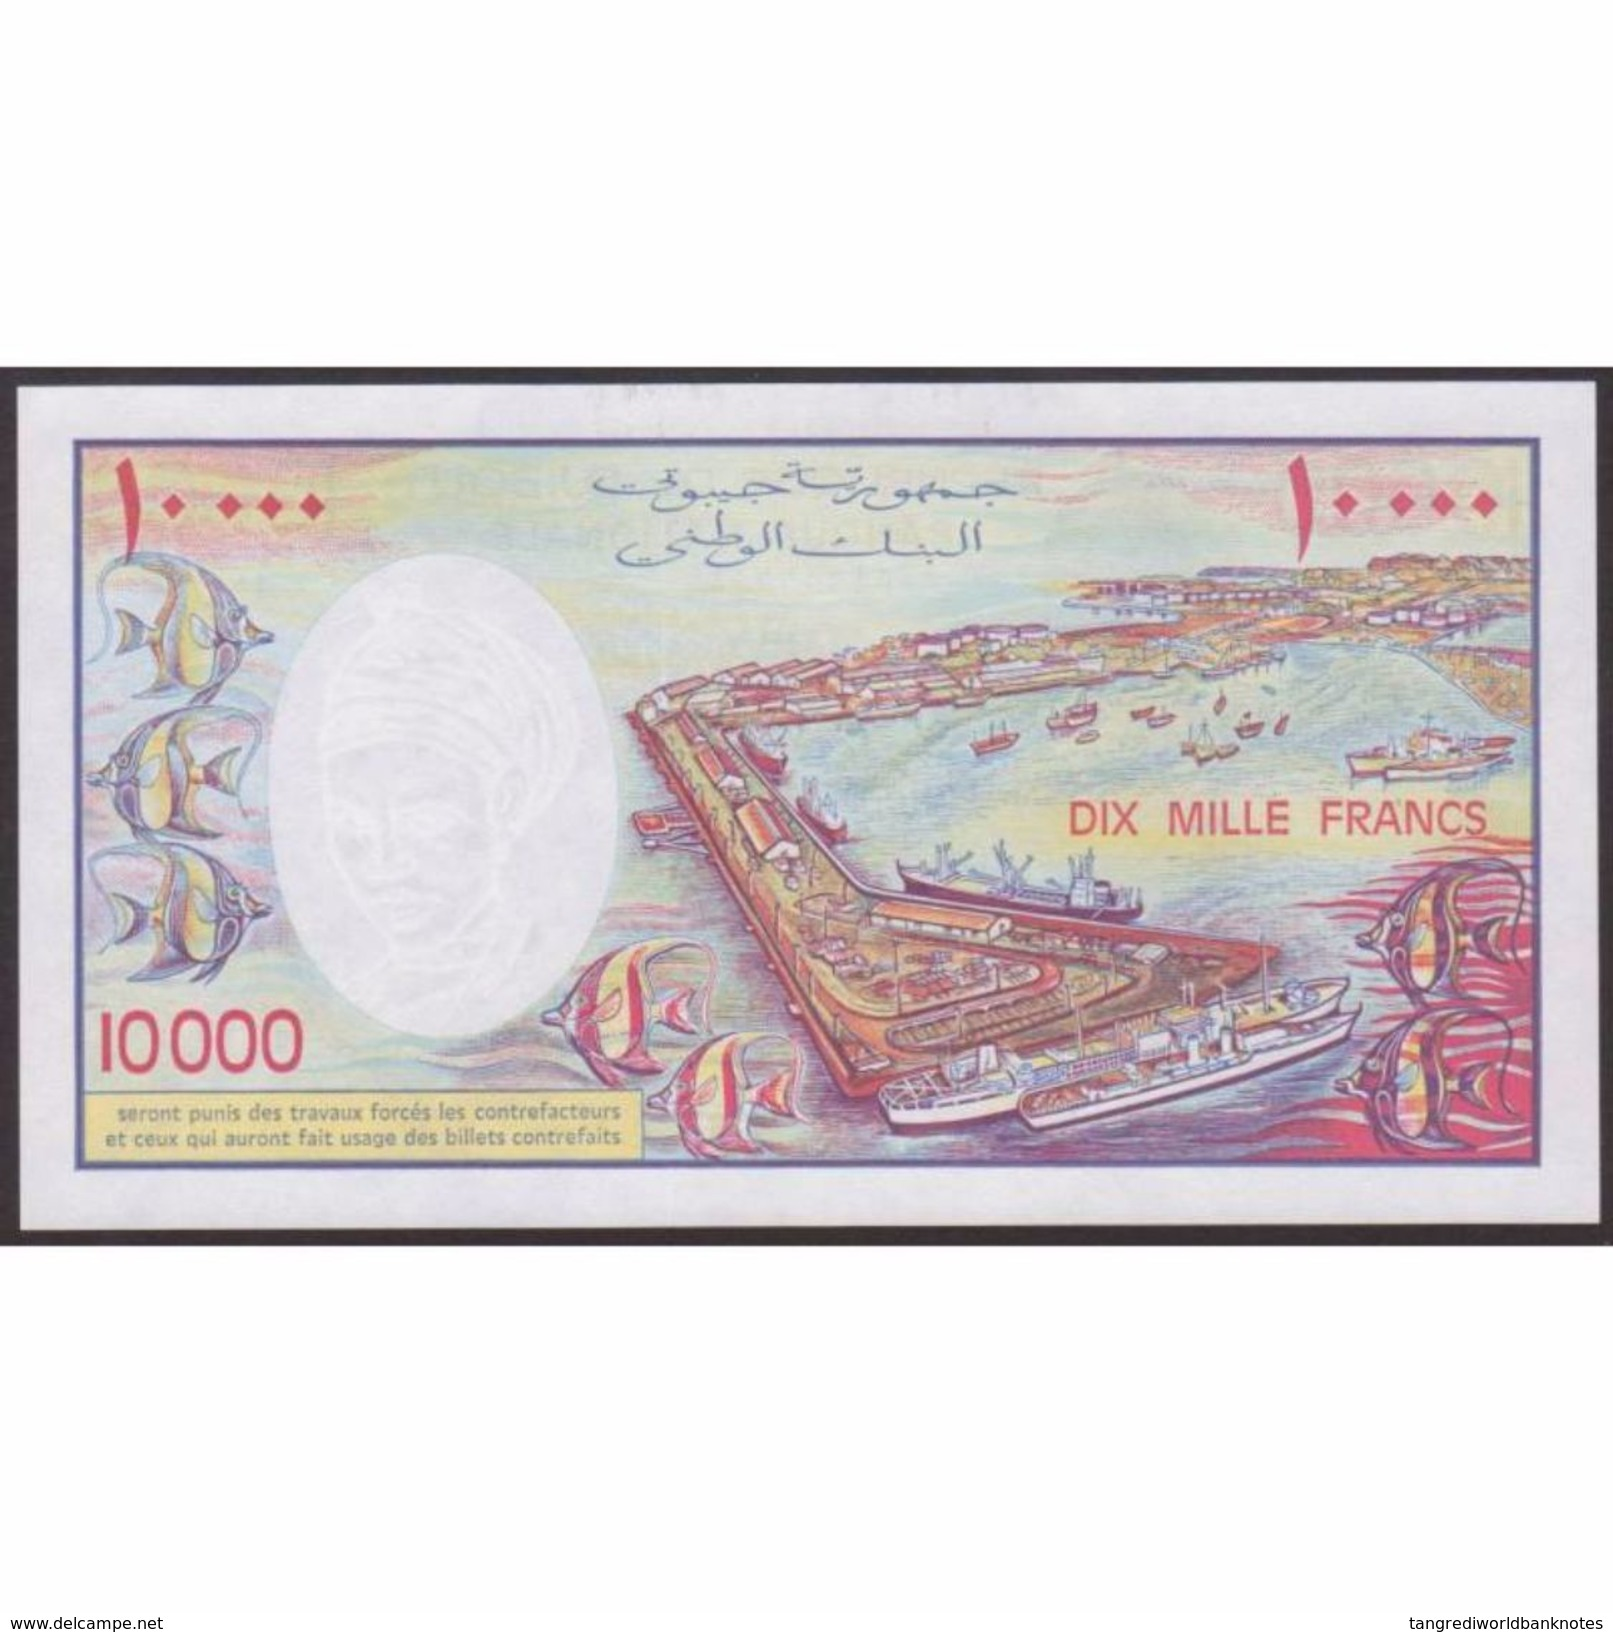 TWN - DJIBOUTI 39b - 10000 10.000 Francs 1999 Prefix U.001 UNC - Djibouti